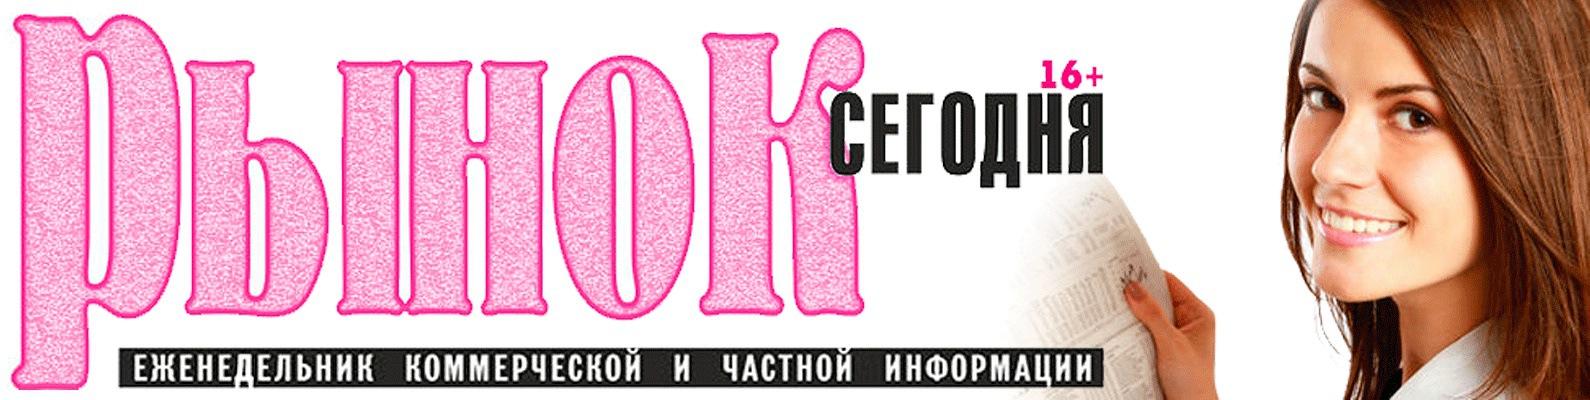 Газета рынок в глазове объявления работа arslive.ru доска бесплатных объявлений